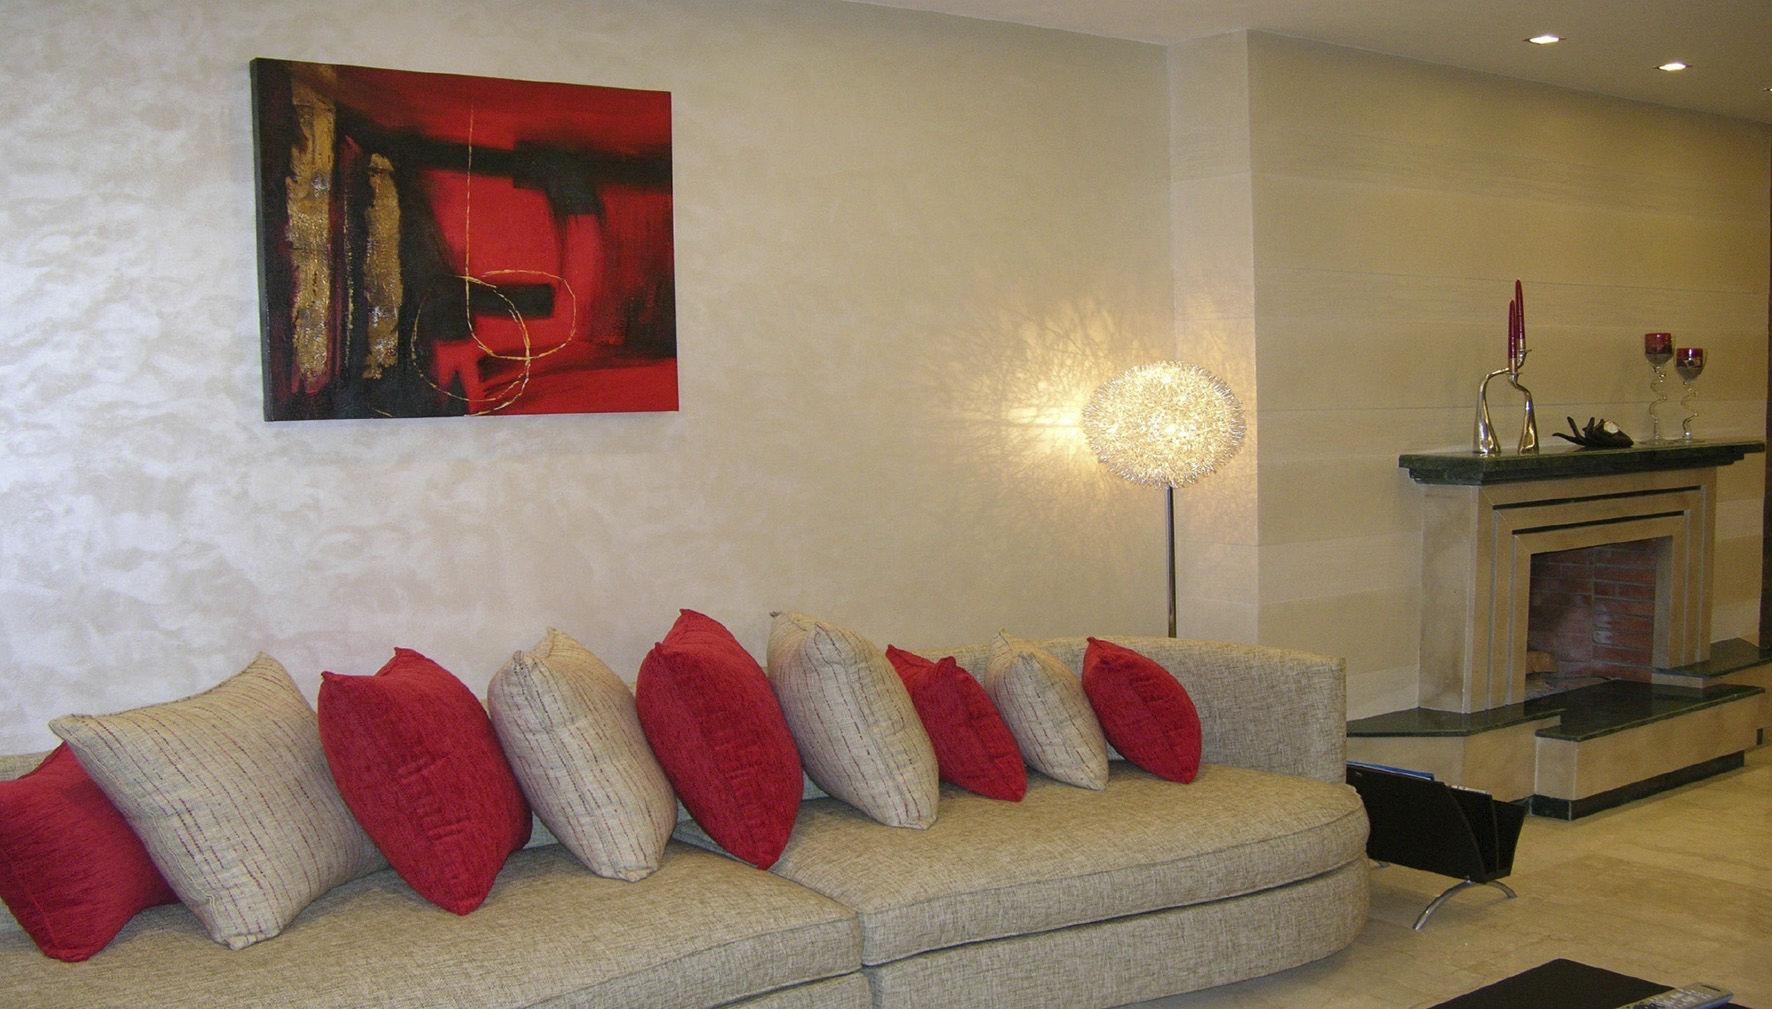 Famoso Pittura decorativa / per muro / interno / acrilica - VALSETIN  CT62